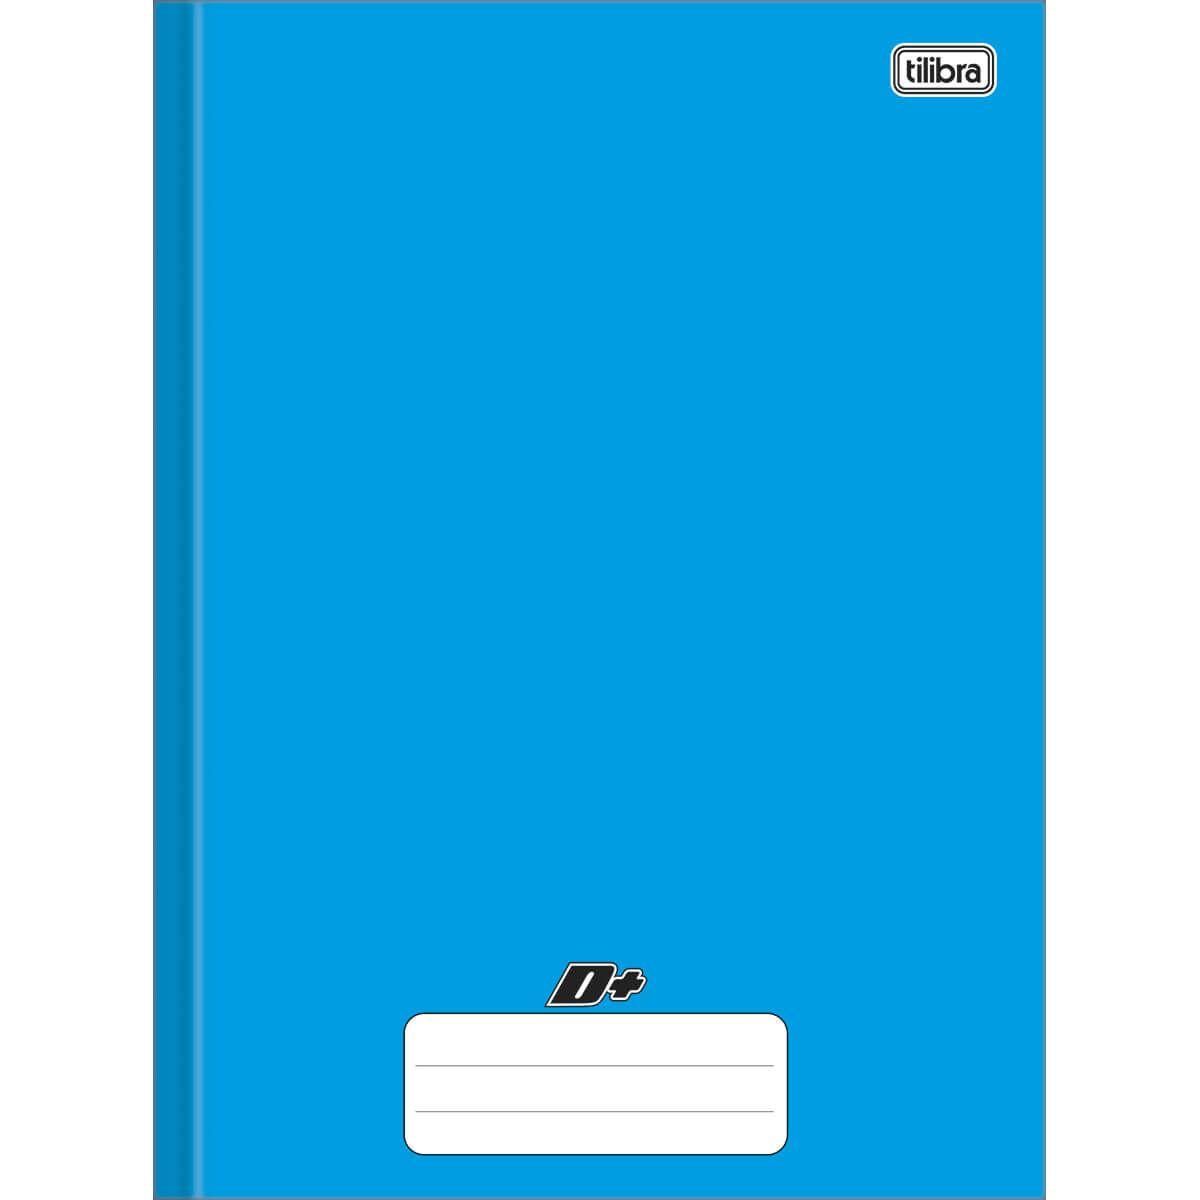 Caderno brochura 1/4 96 fls azul D+ Tilibra